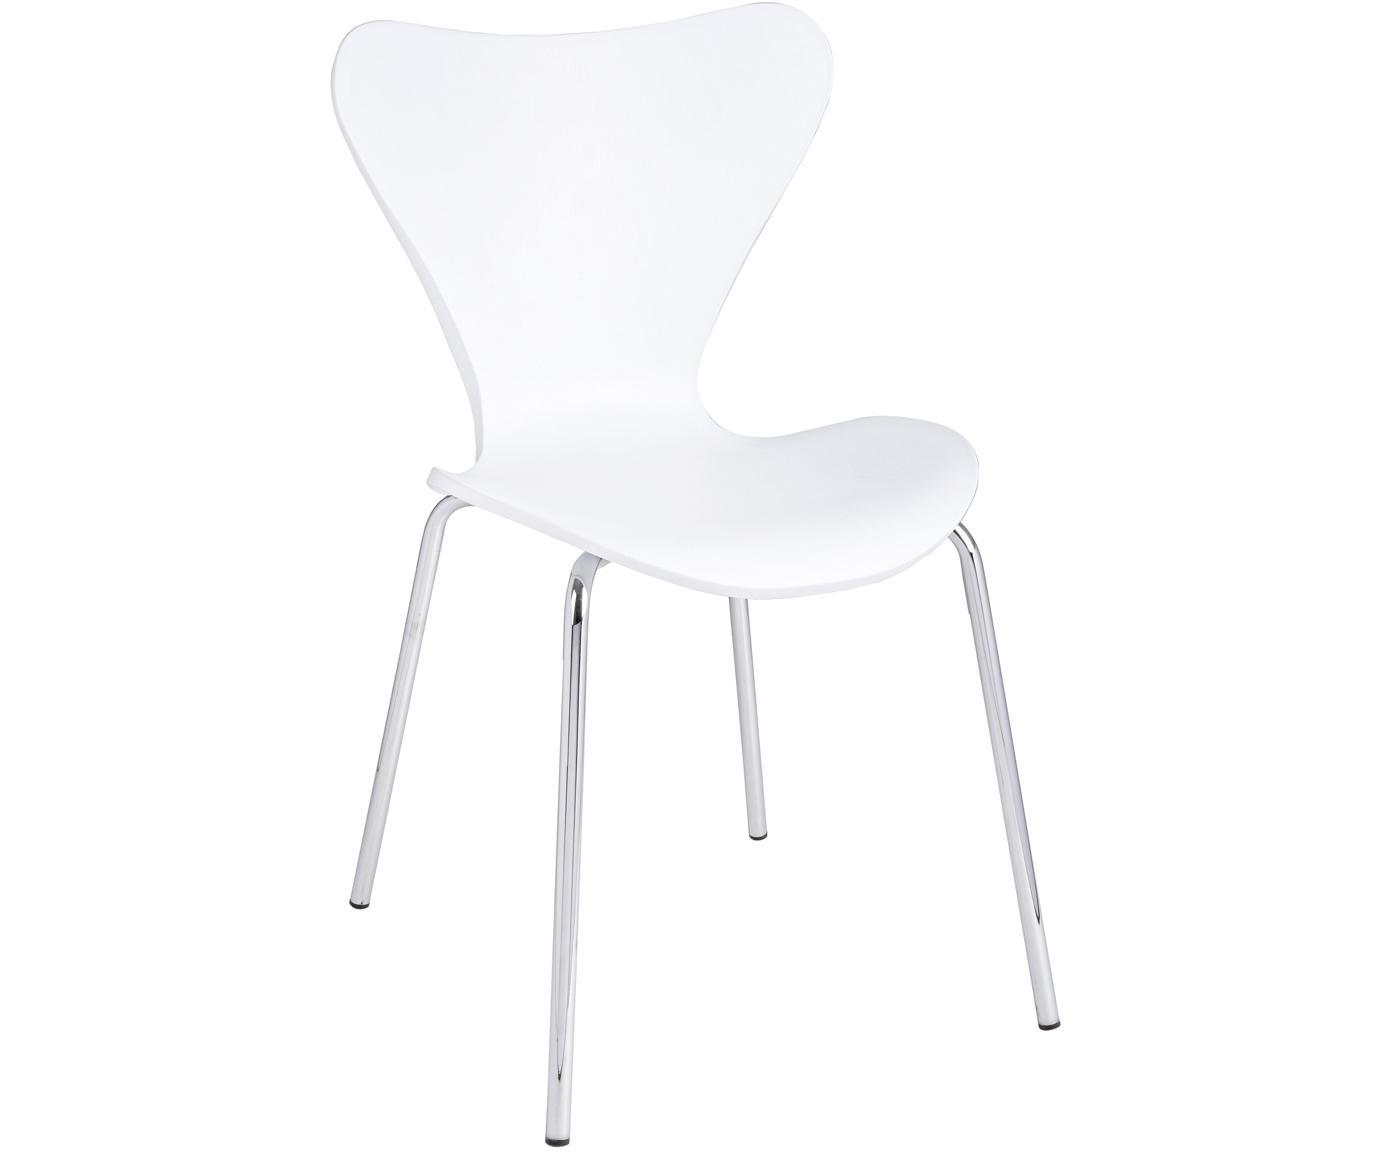 Krzesło z tworzywa sztucznego do układania w stos Tessa, 2szt., Nogi: metal chromowany, Biały, chrom, S 50 x G 50 cm